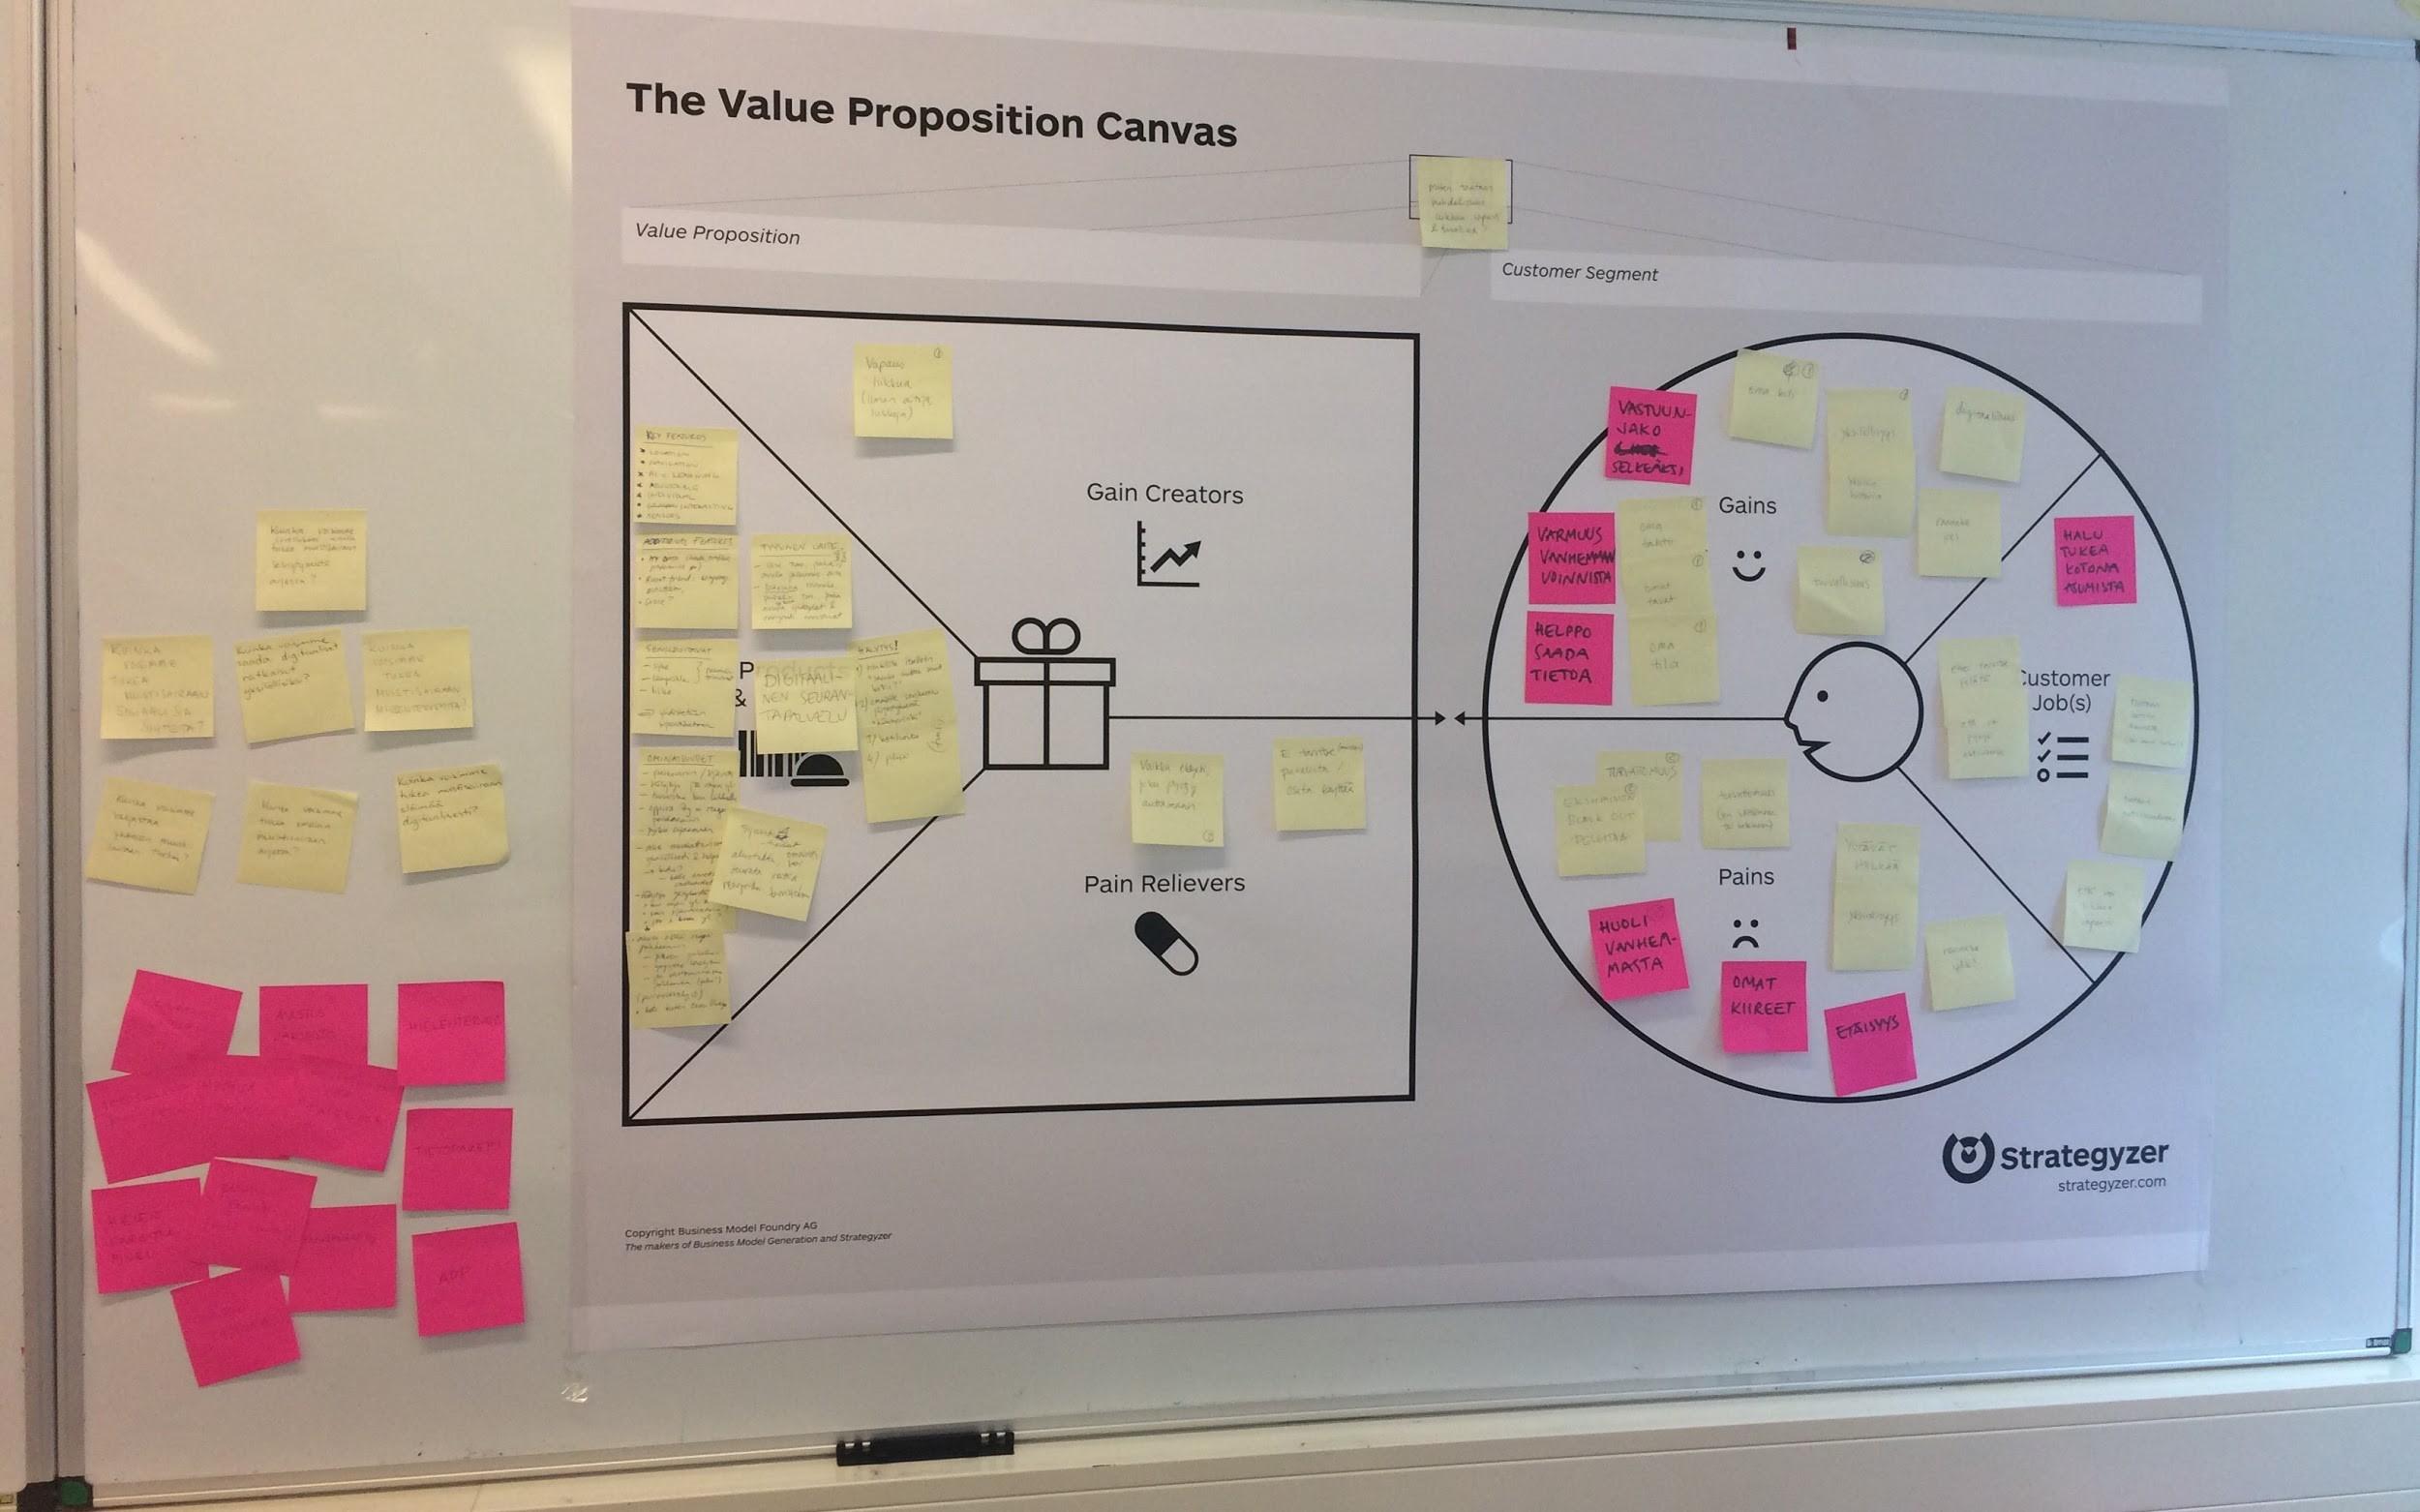 Kuva 1. The Value Proposition Canvas, kurssilla sovellettiin erilaisia liiketoimintasuunnittelun menetelmiä.